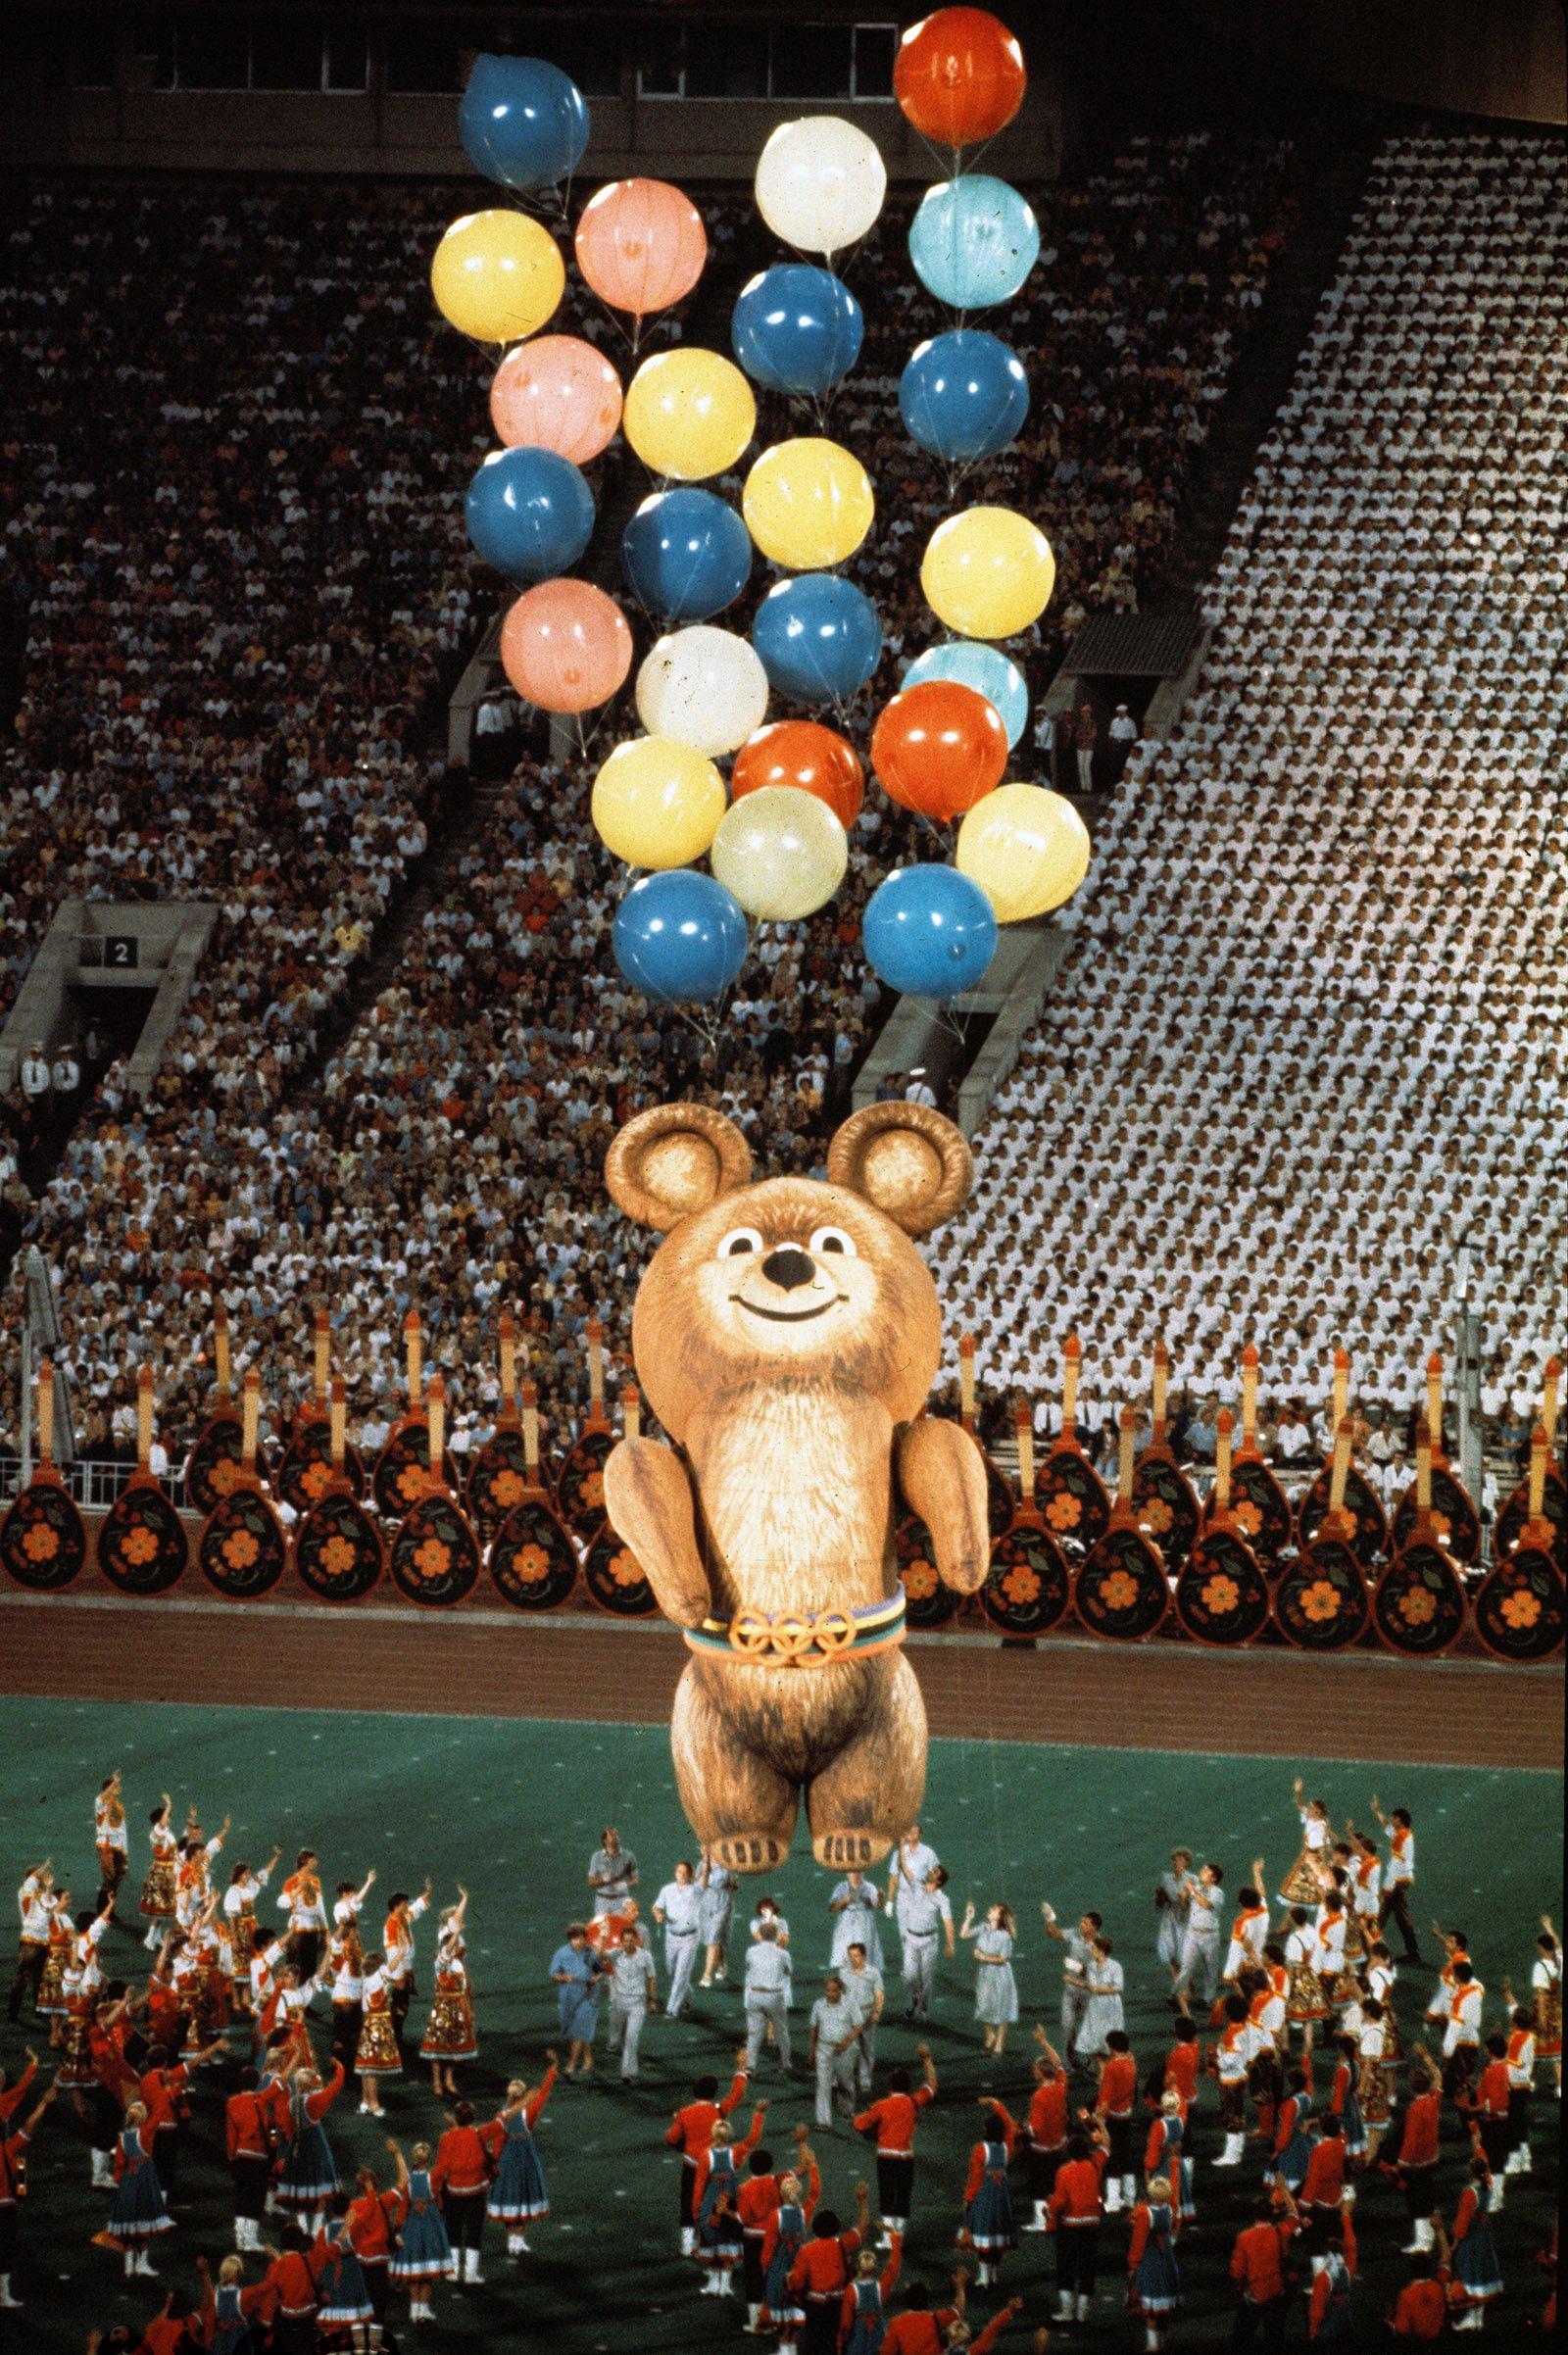 Финал церемонии закрытия XXII Олимпийских игр на Центральном стадионе имени В.И. Ленина. Автор М. Боташев. 3 августа 1980 года. Главархив Москвы